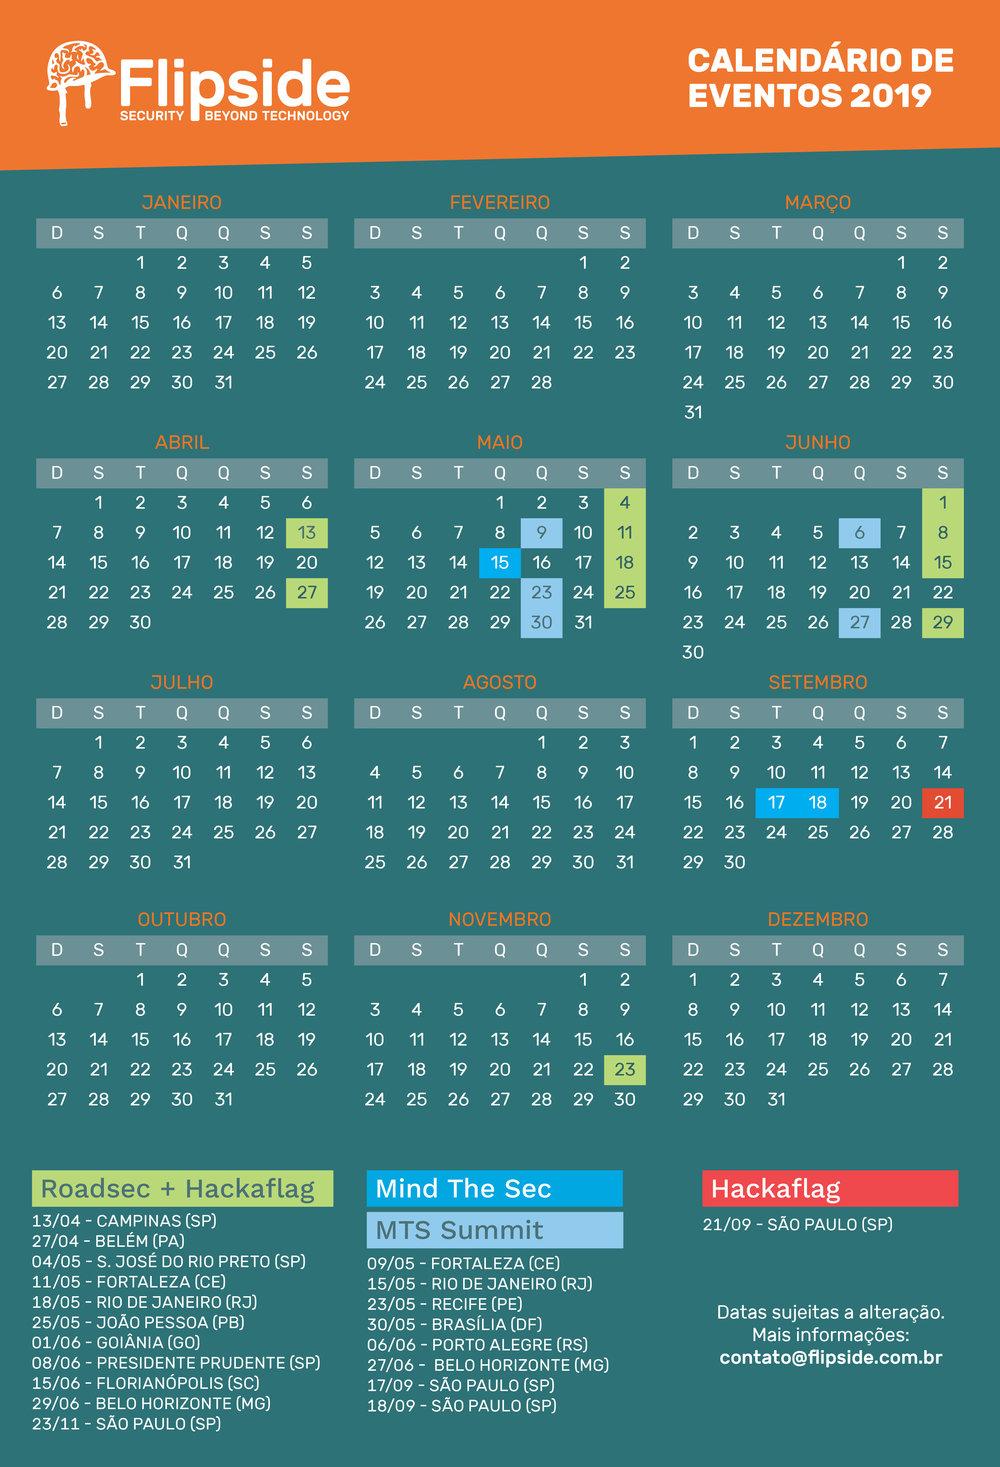 Calendário Flipside 2019